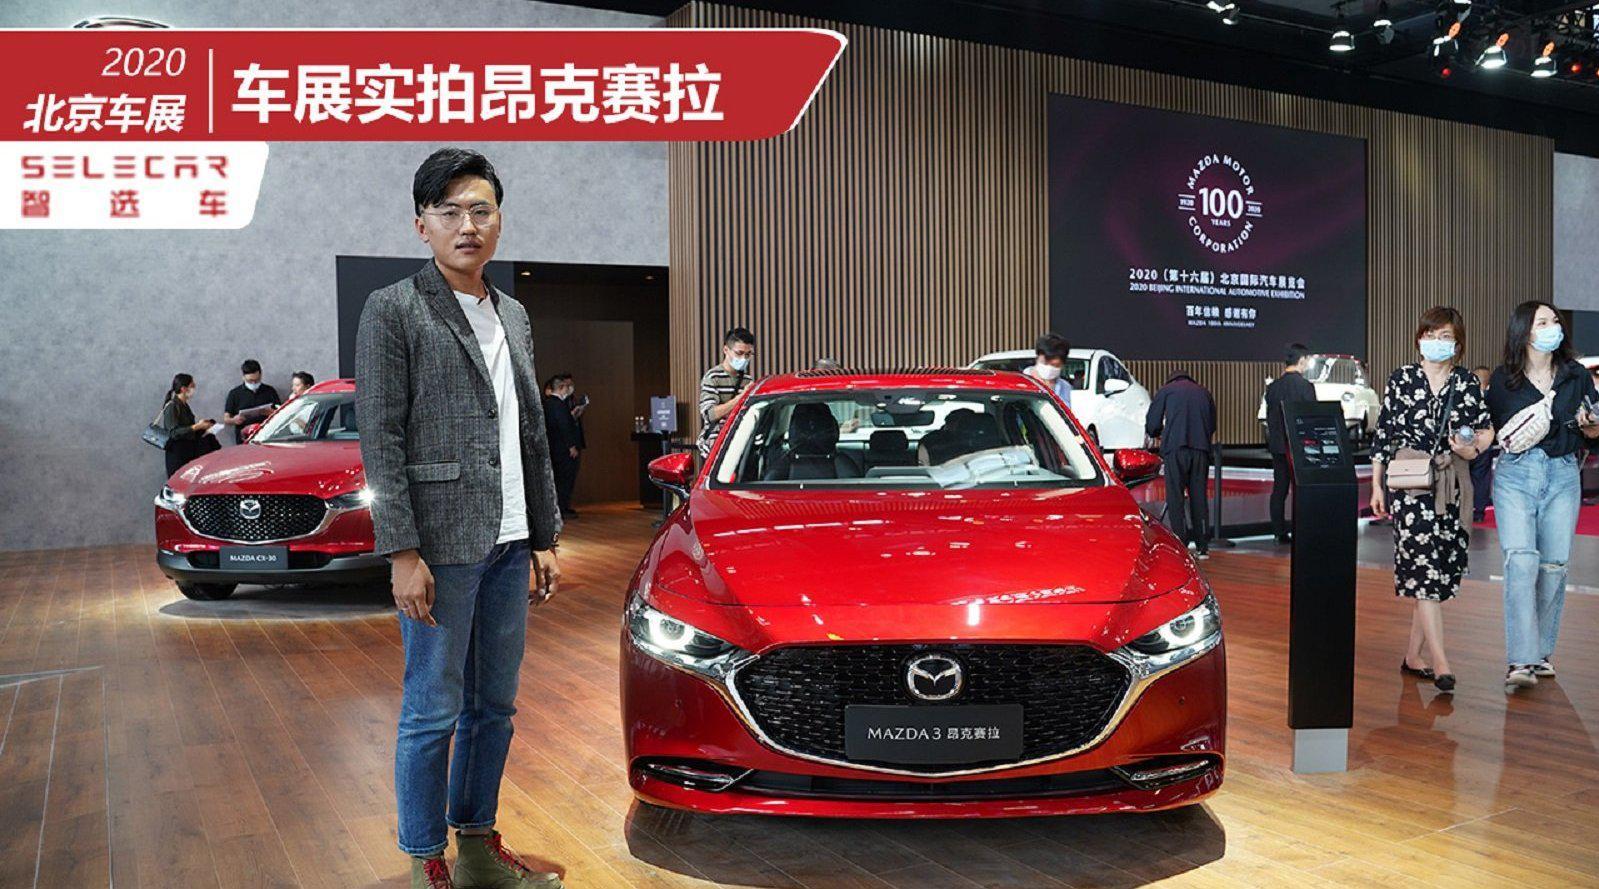 视频:北京车展马自达展台实拍,除昂克赛拉压燃板,三款老车也看点十足